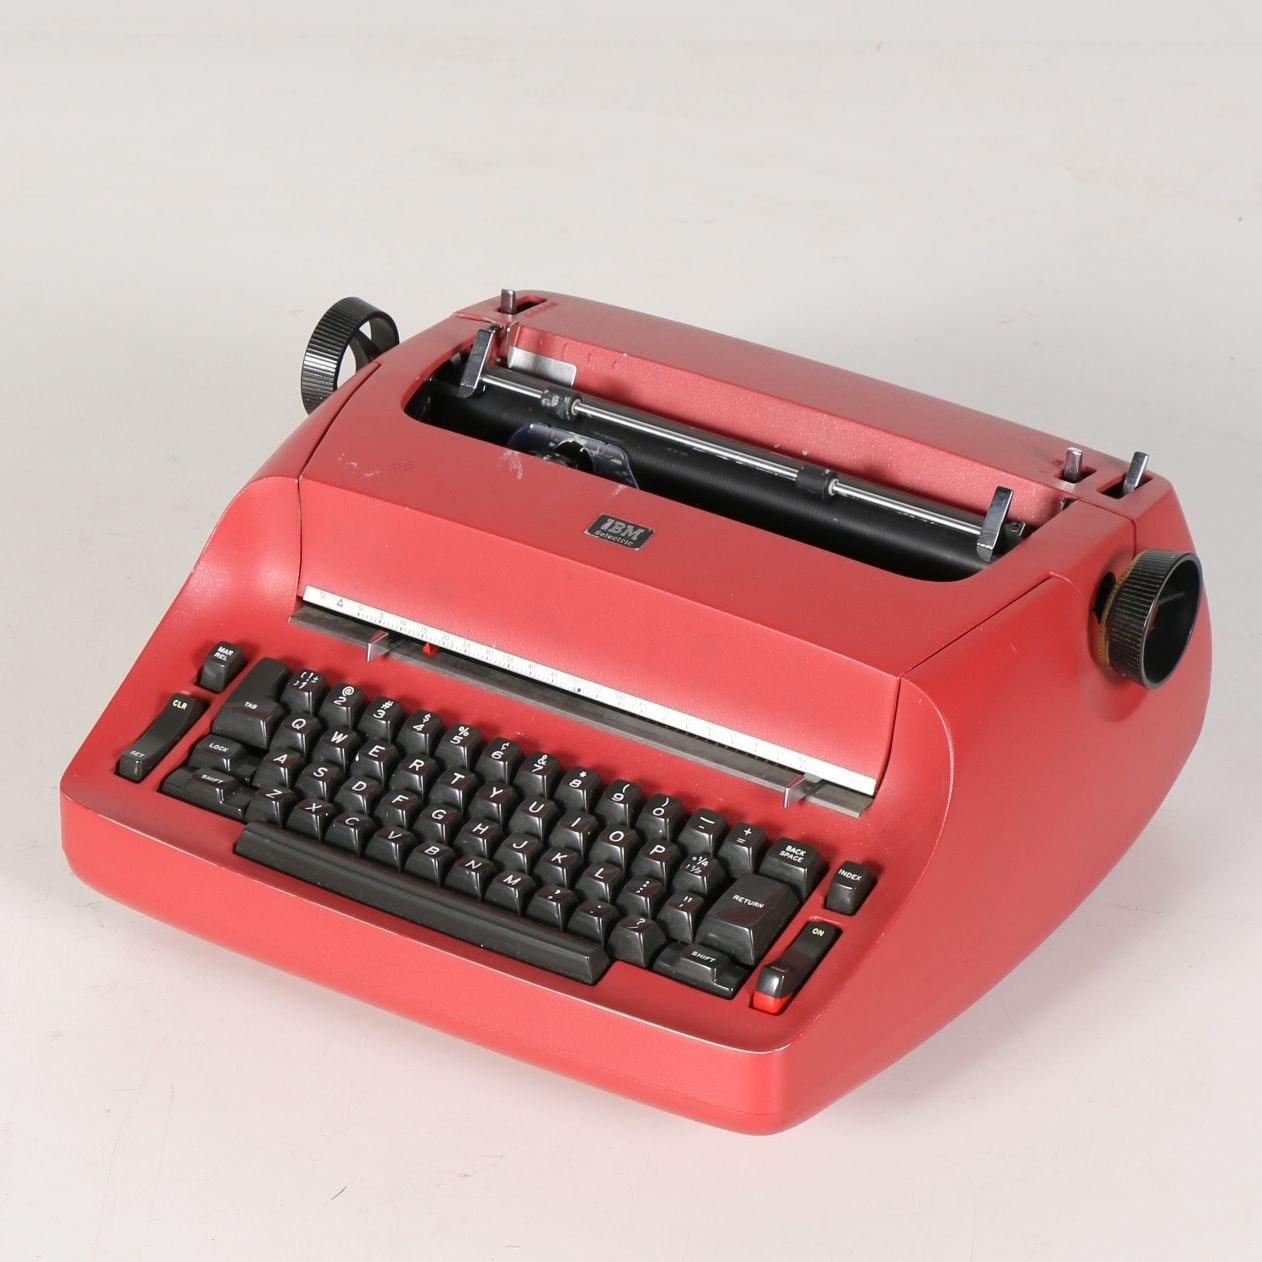 IBM Selectric Red Typewriter